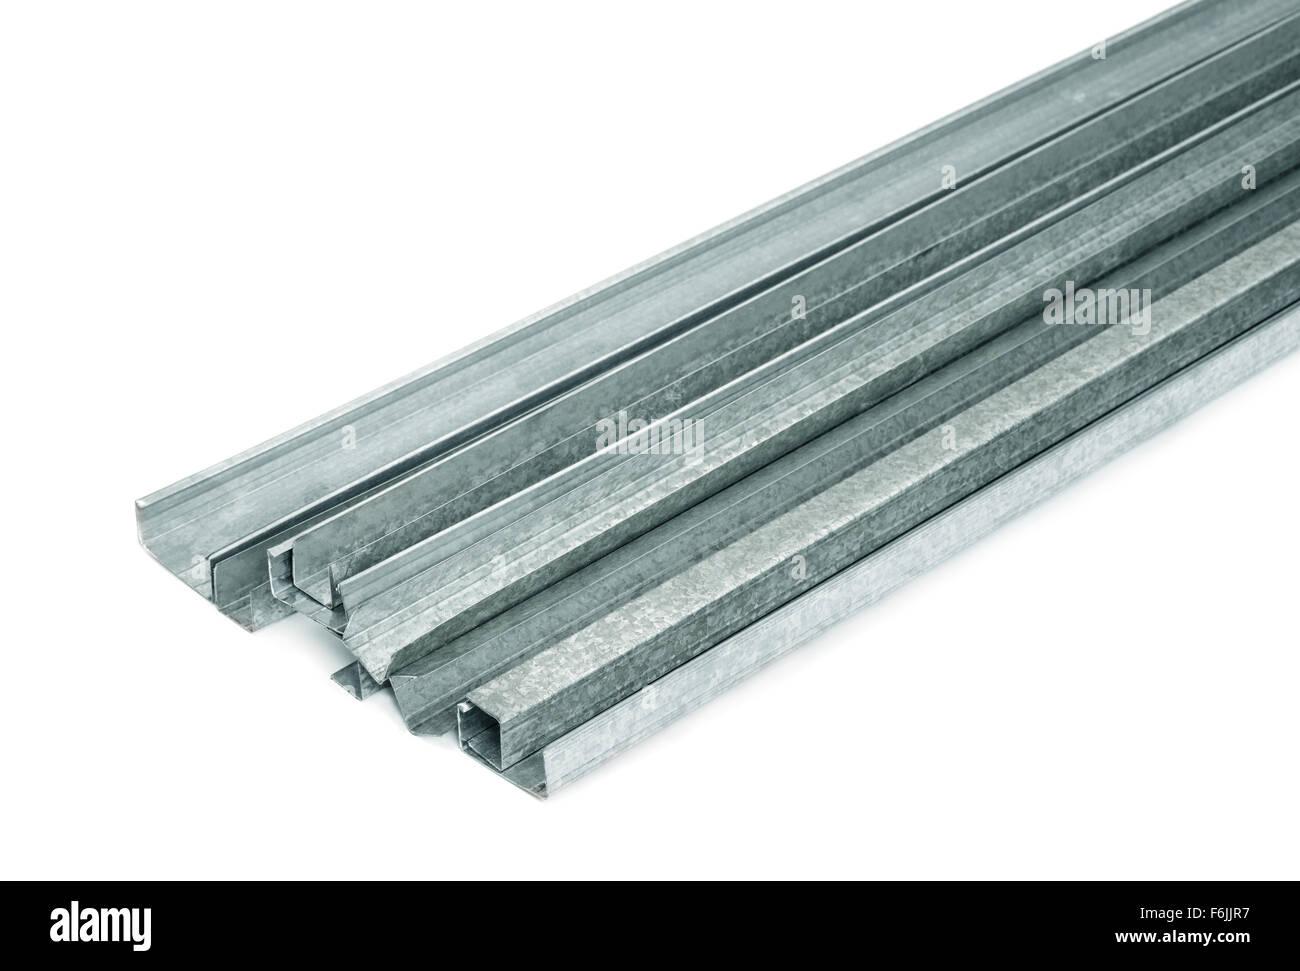 Drywall Ceiling Stockfotos & Drywall Ceiling Bilder - Alamy